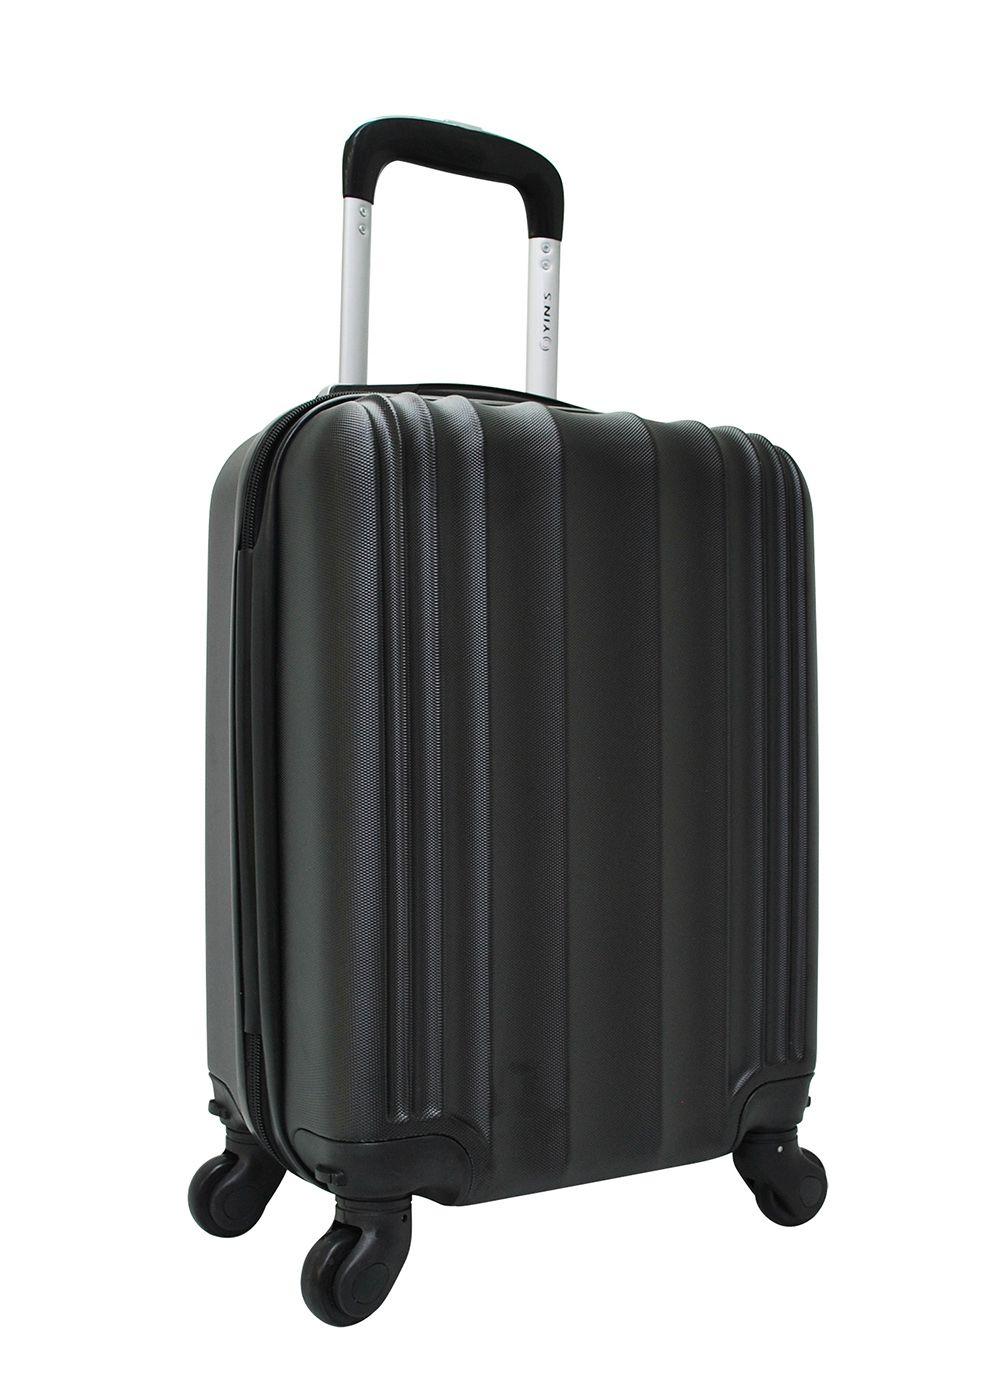 Mala De Viagem Pequena ABS Bordo C/ Cadeado Yins 21023 Preta